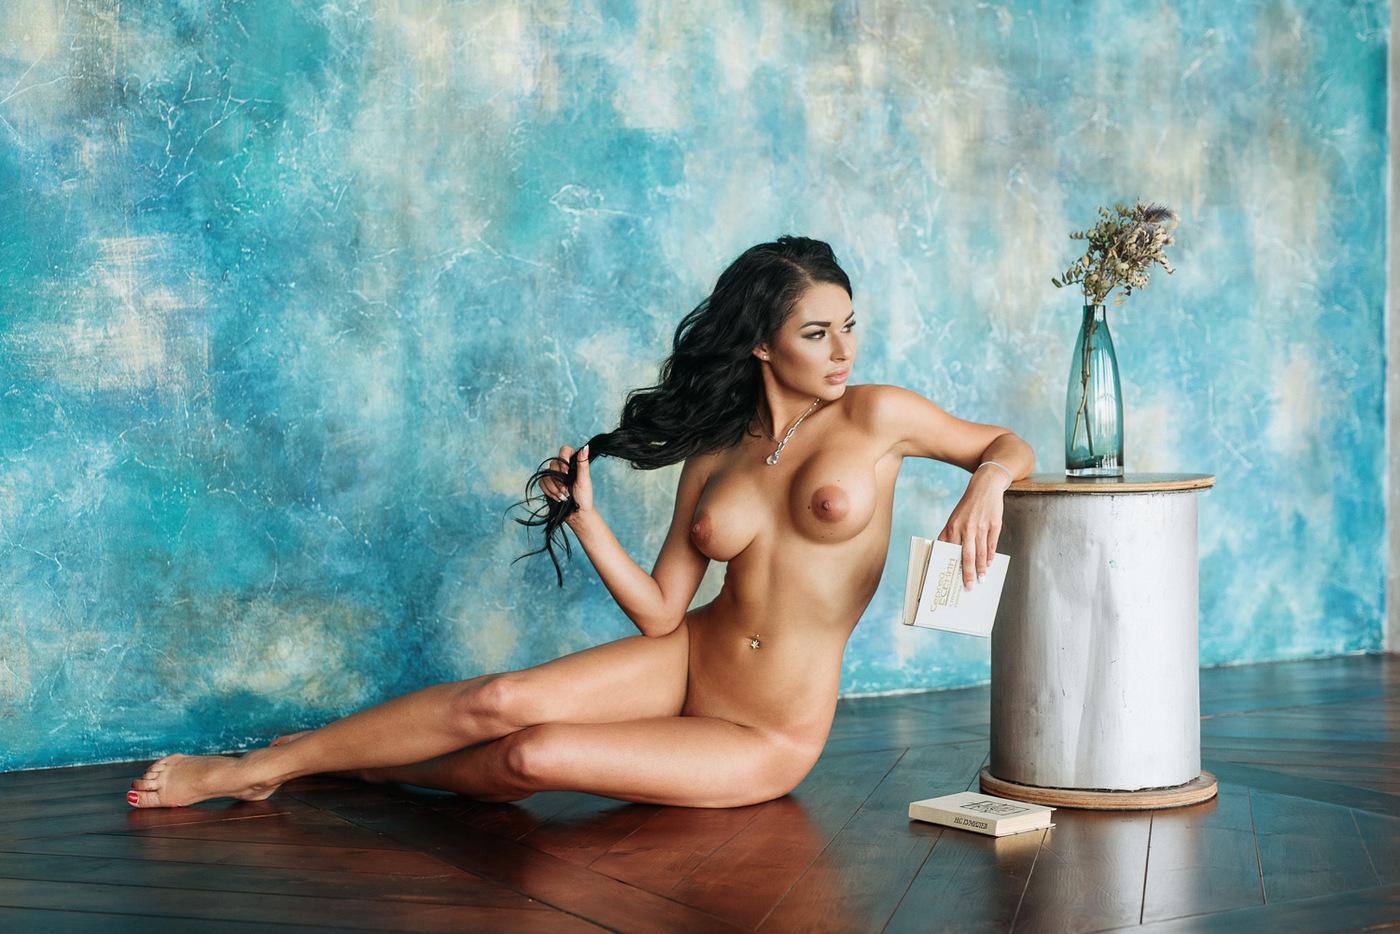 Видео фотограф и голая девушка в студии 12